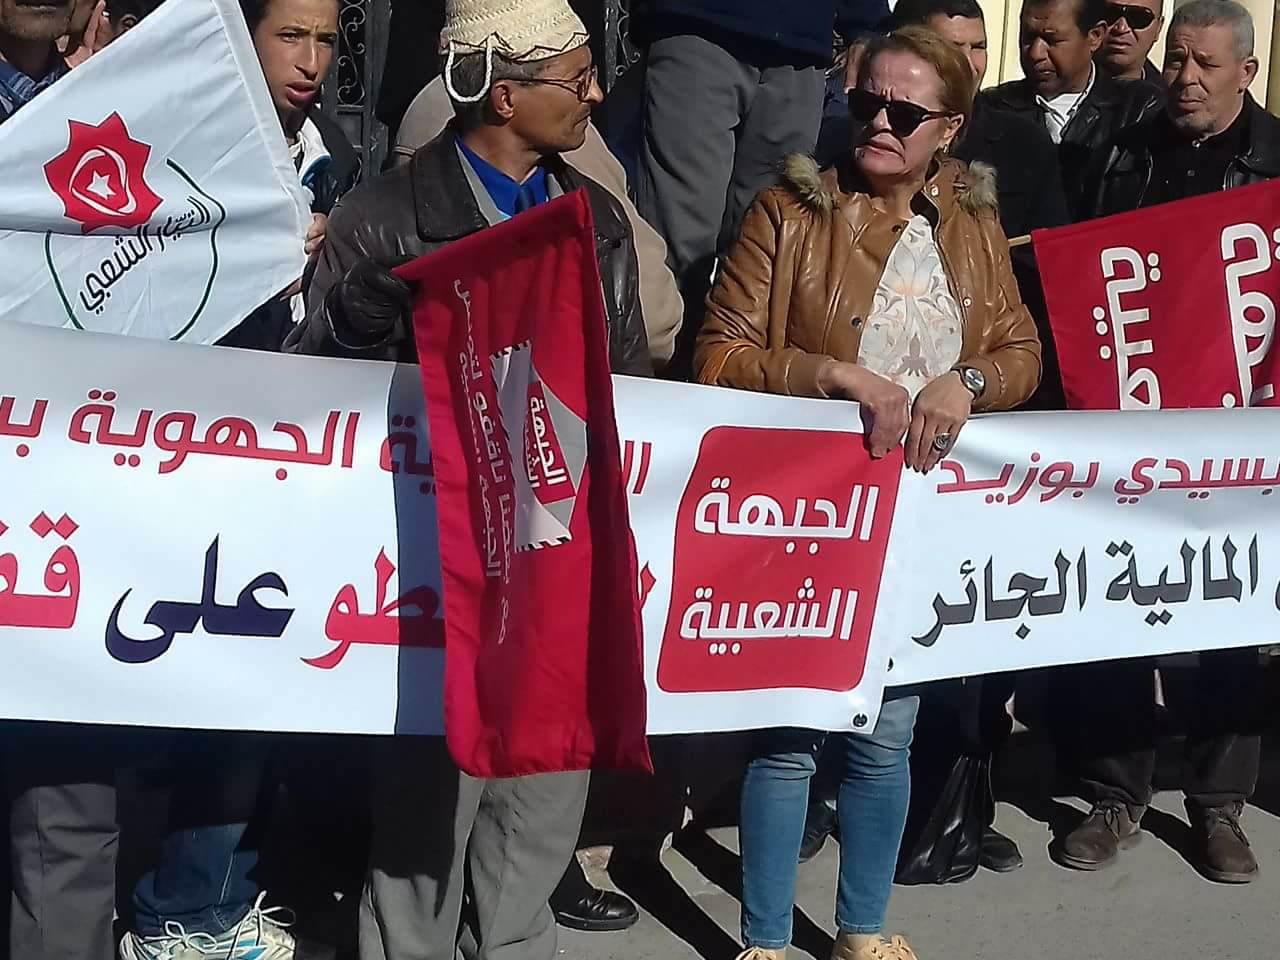 سيدي بوزيد/ اتحاد الشغل والجبهة أبرز مُنظميها: مسيرة للتنديد بقانون المالية وبتصريحات الشاهد